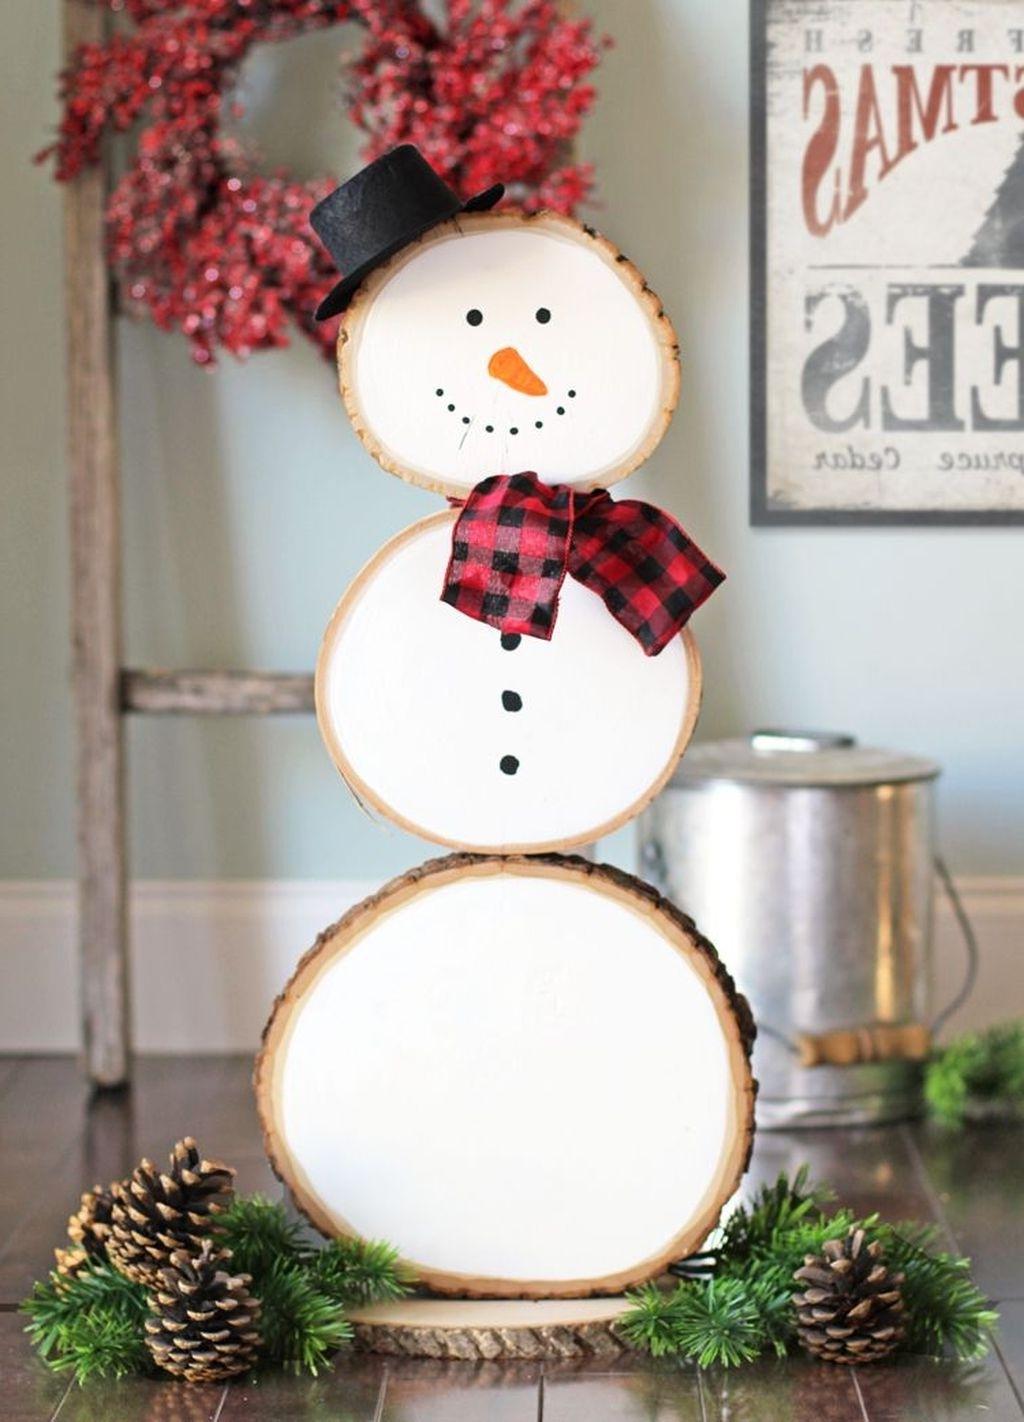 Activité manuelle de Noël: Bonhomme de neige fait de rondelles de bois.